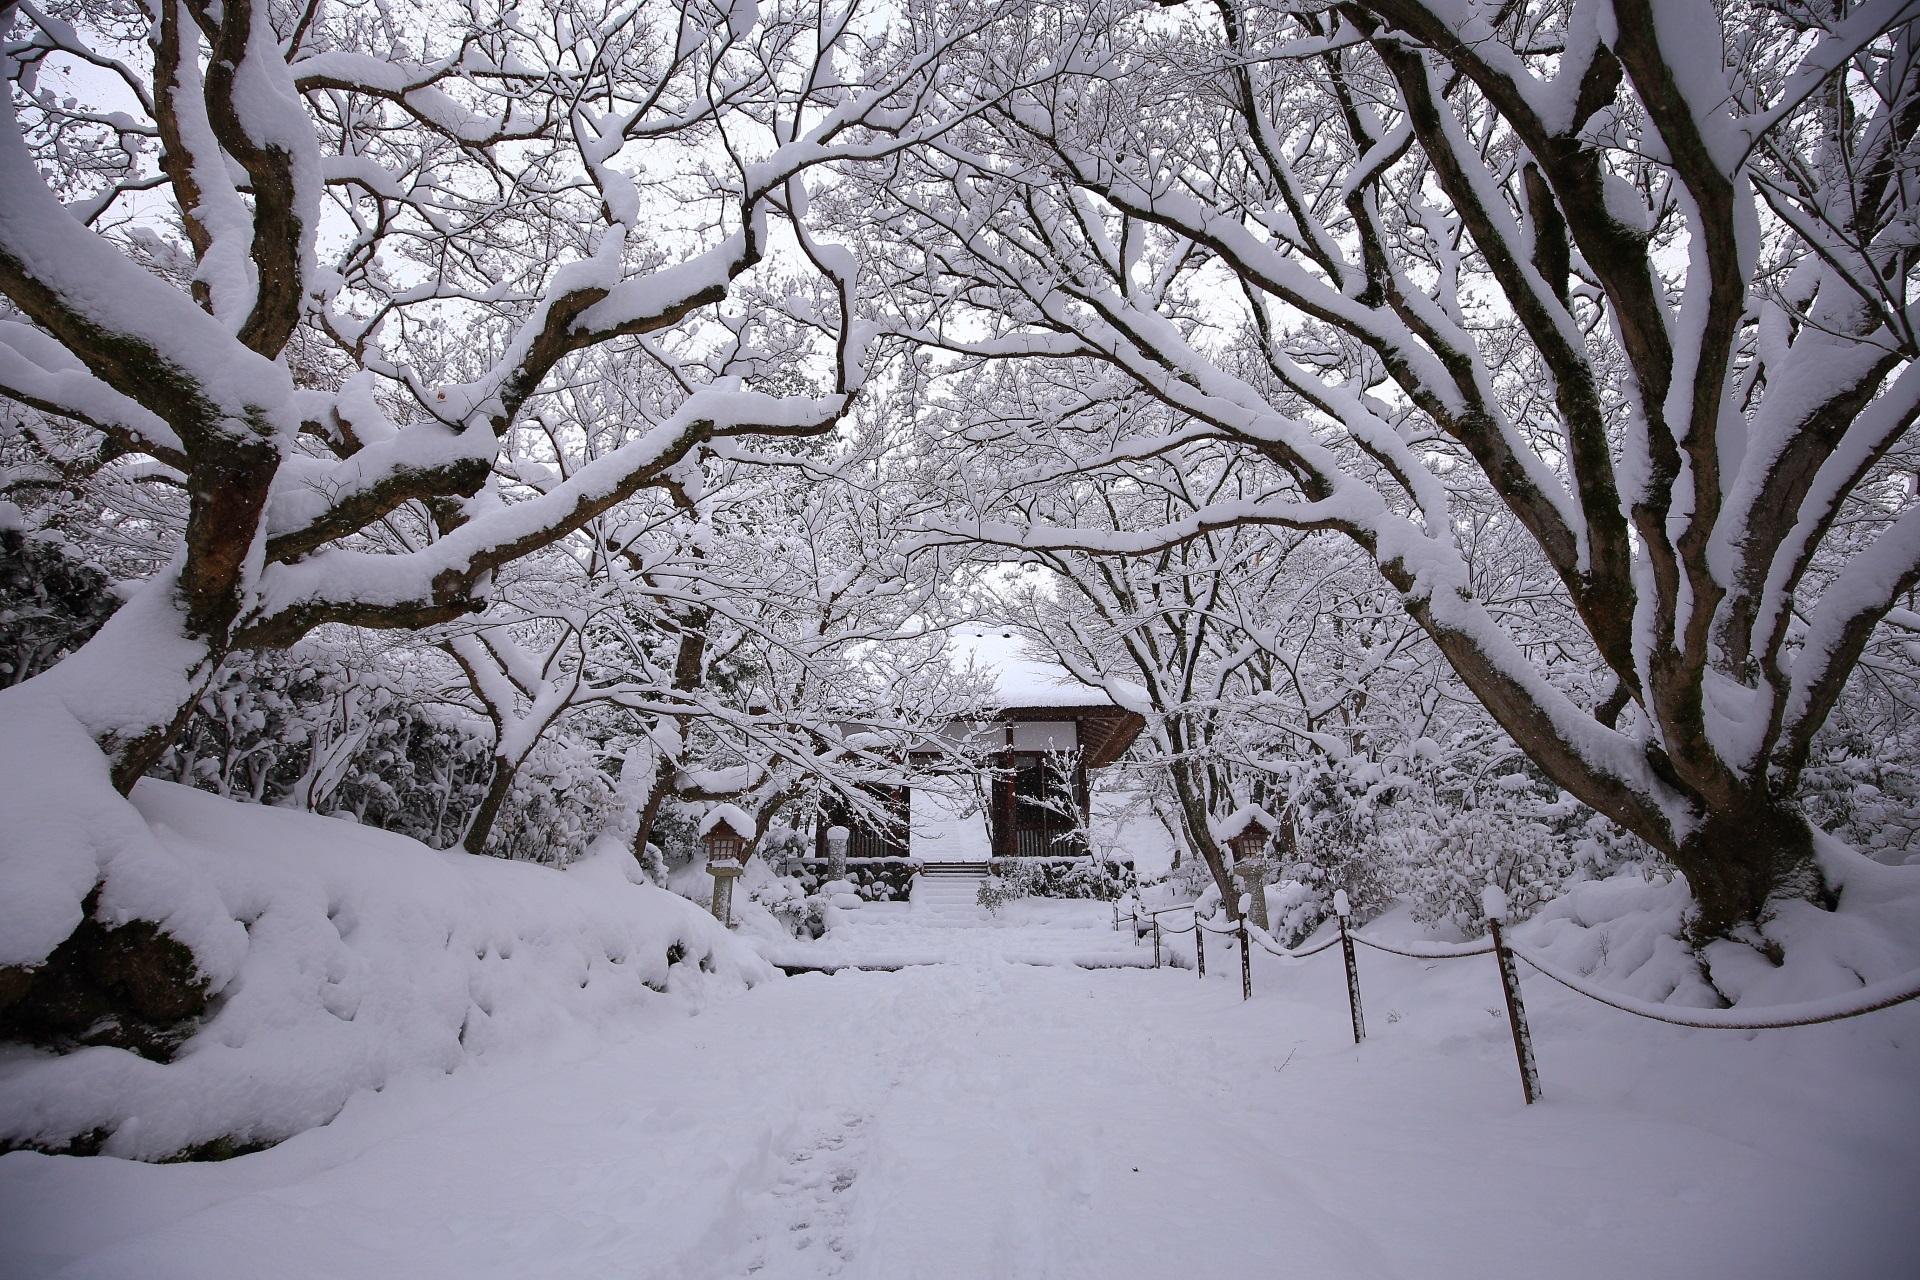 常寂光寺の山門の雪景色